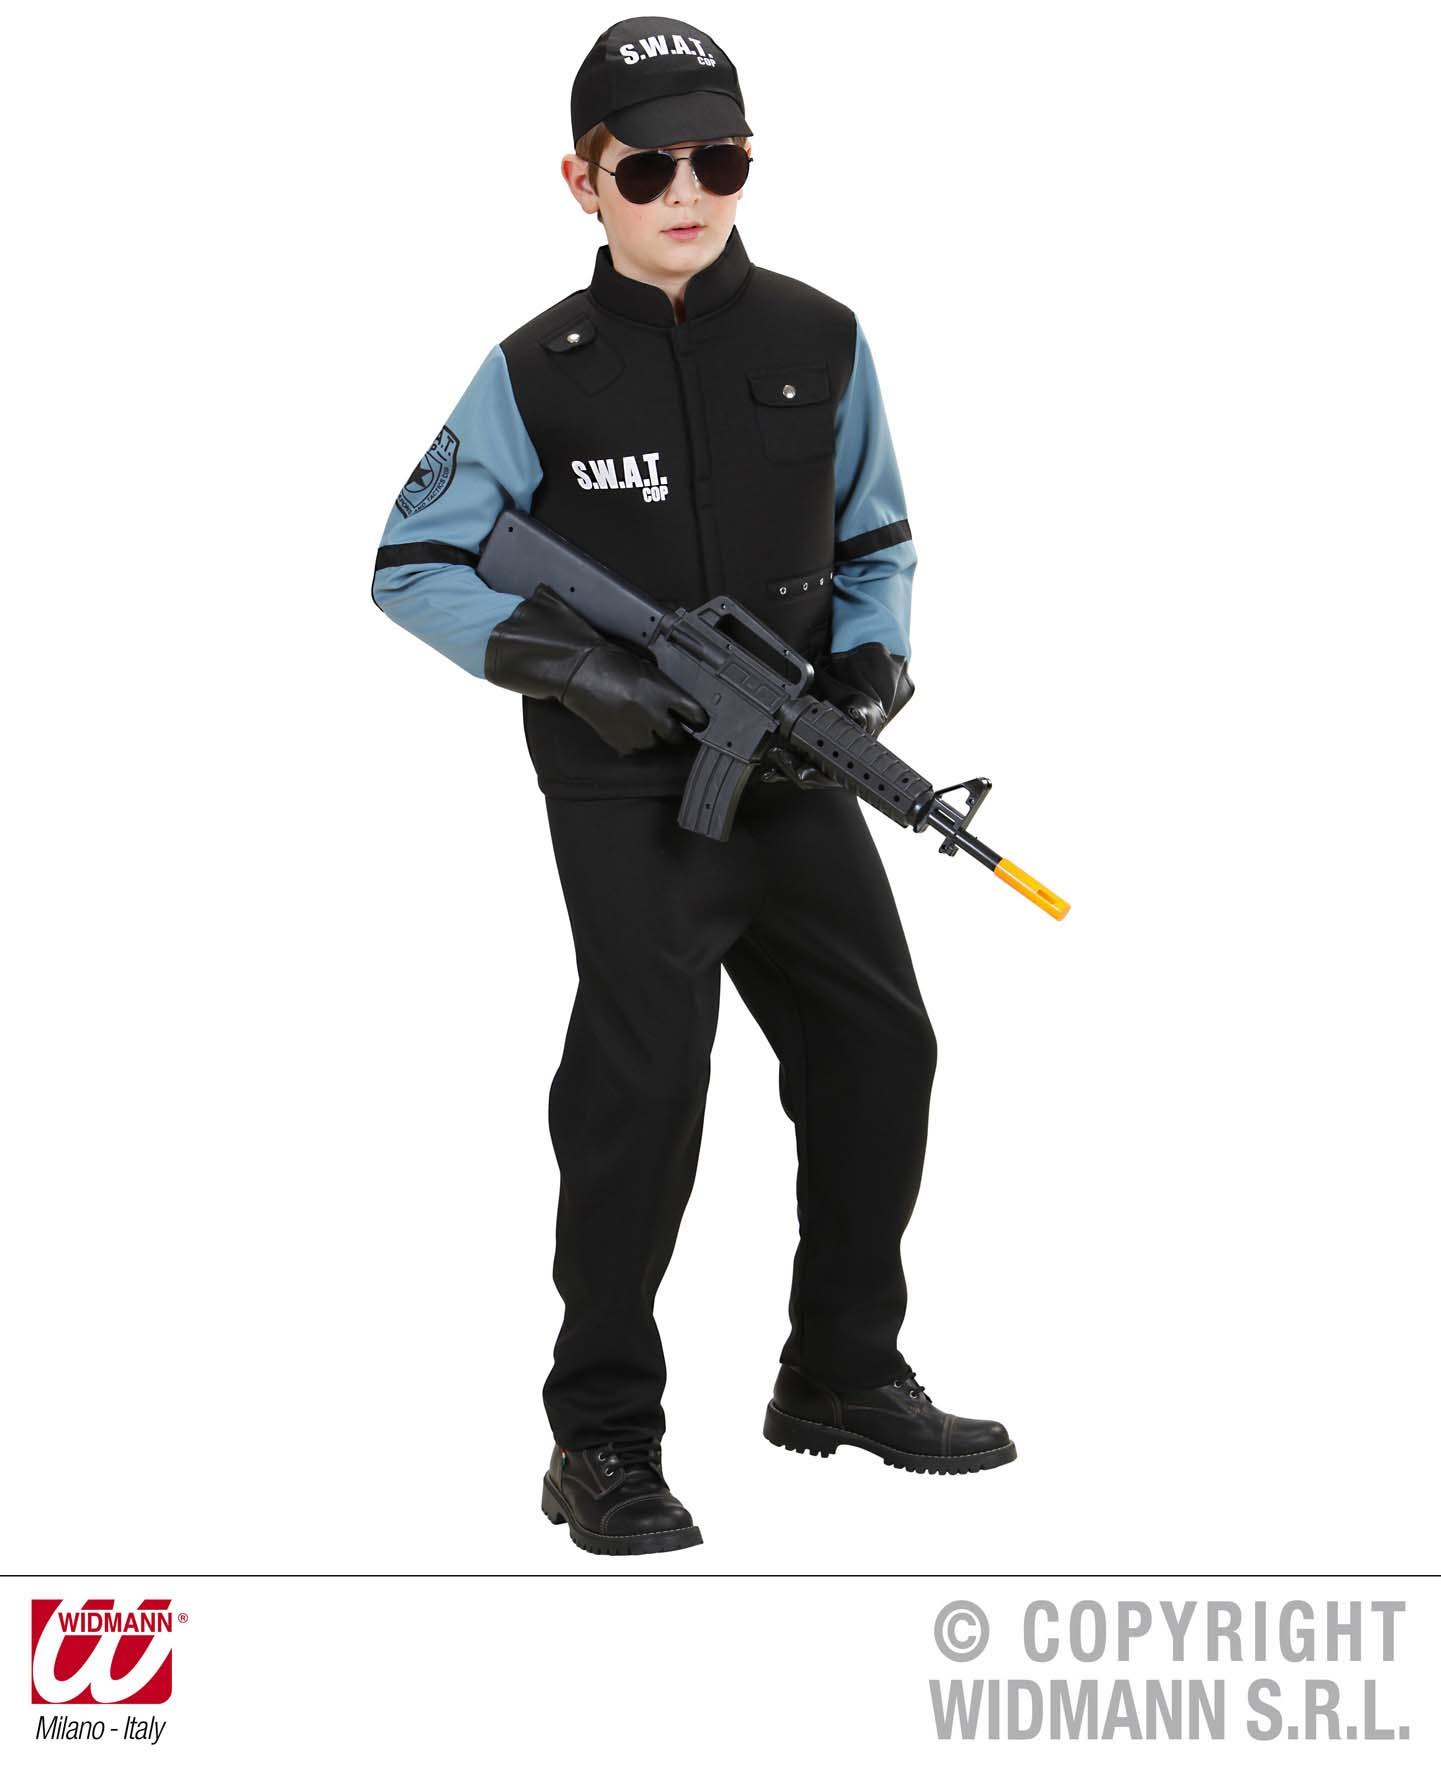 SWAT Hemd Weste, Hose, Kappe, Polizei Jungen Kinder, 128, 140, 158